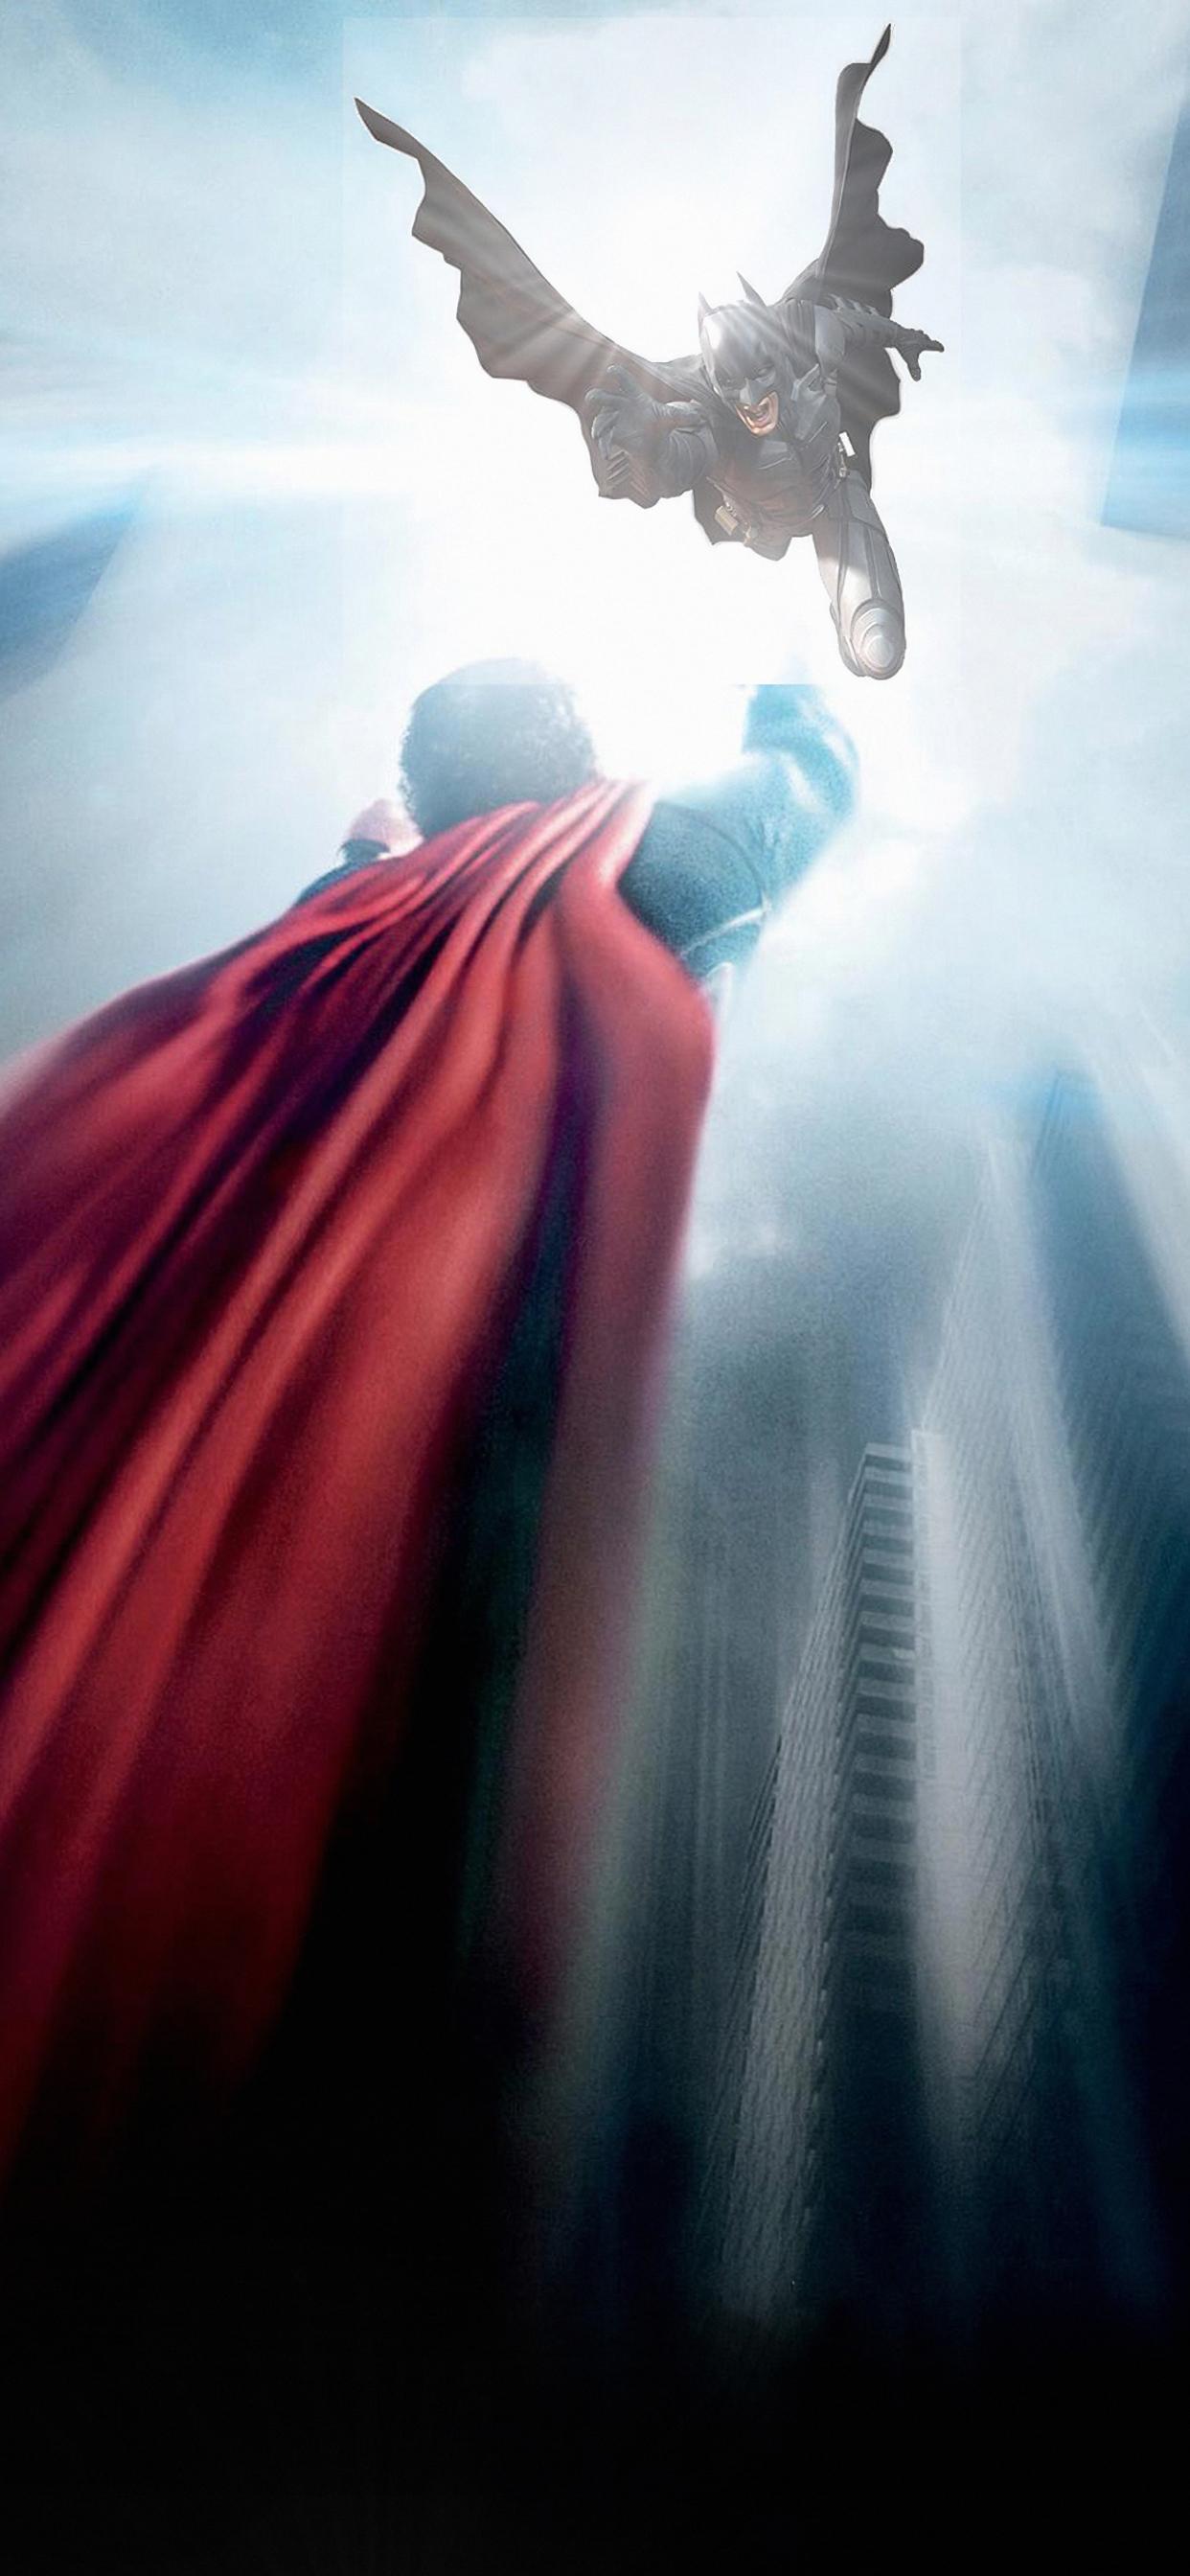 superman-and-batman-fight-u3.jpg